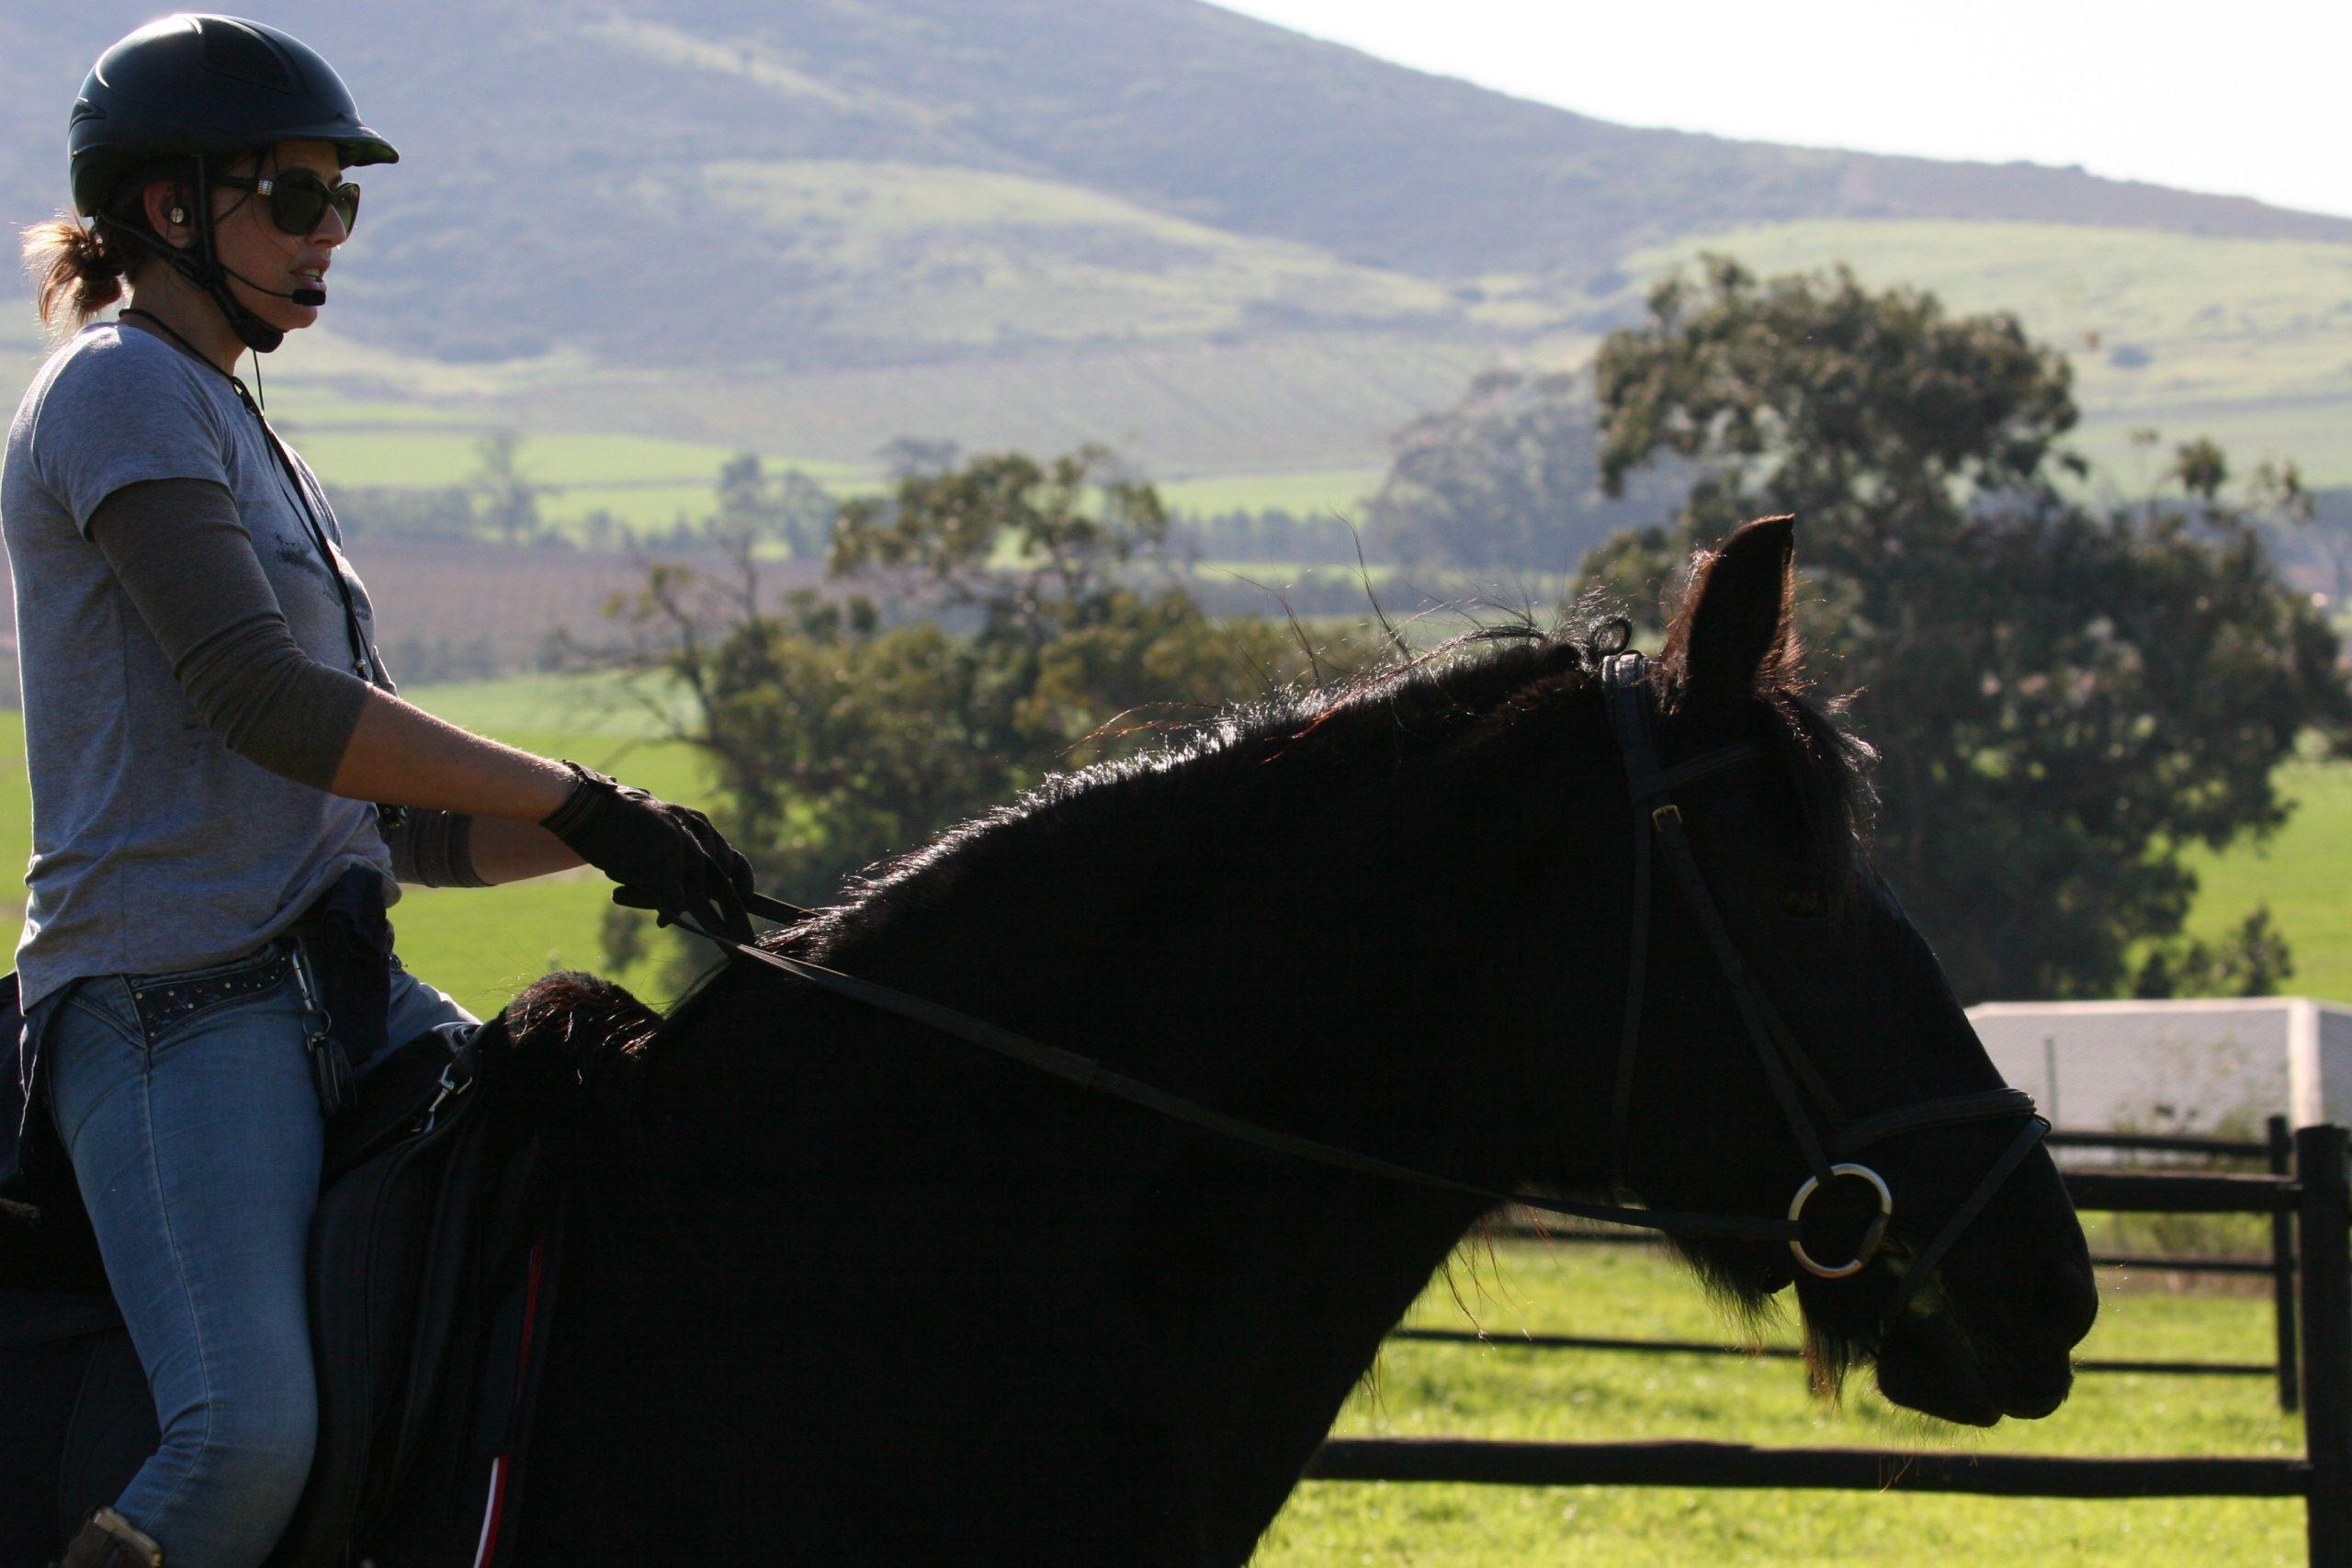 Equestrian coaching headset